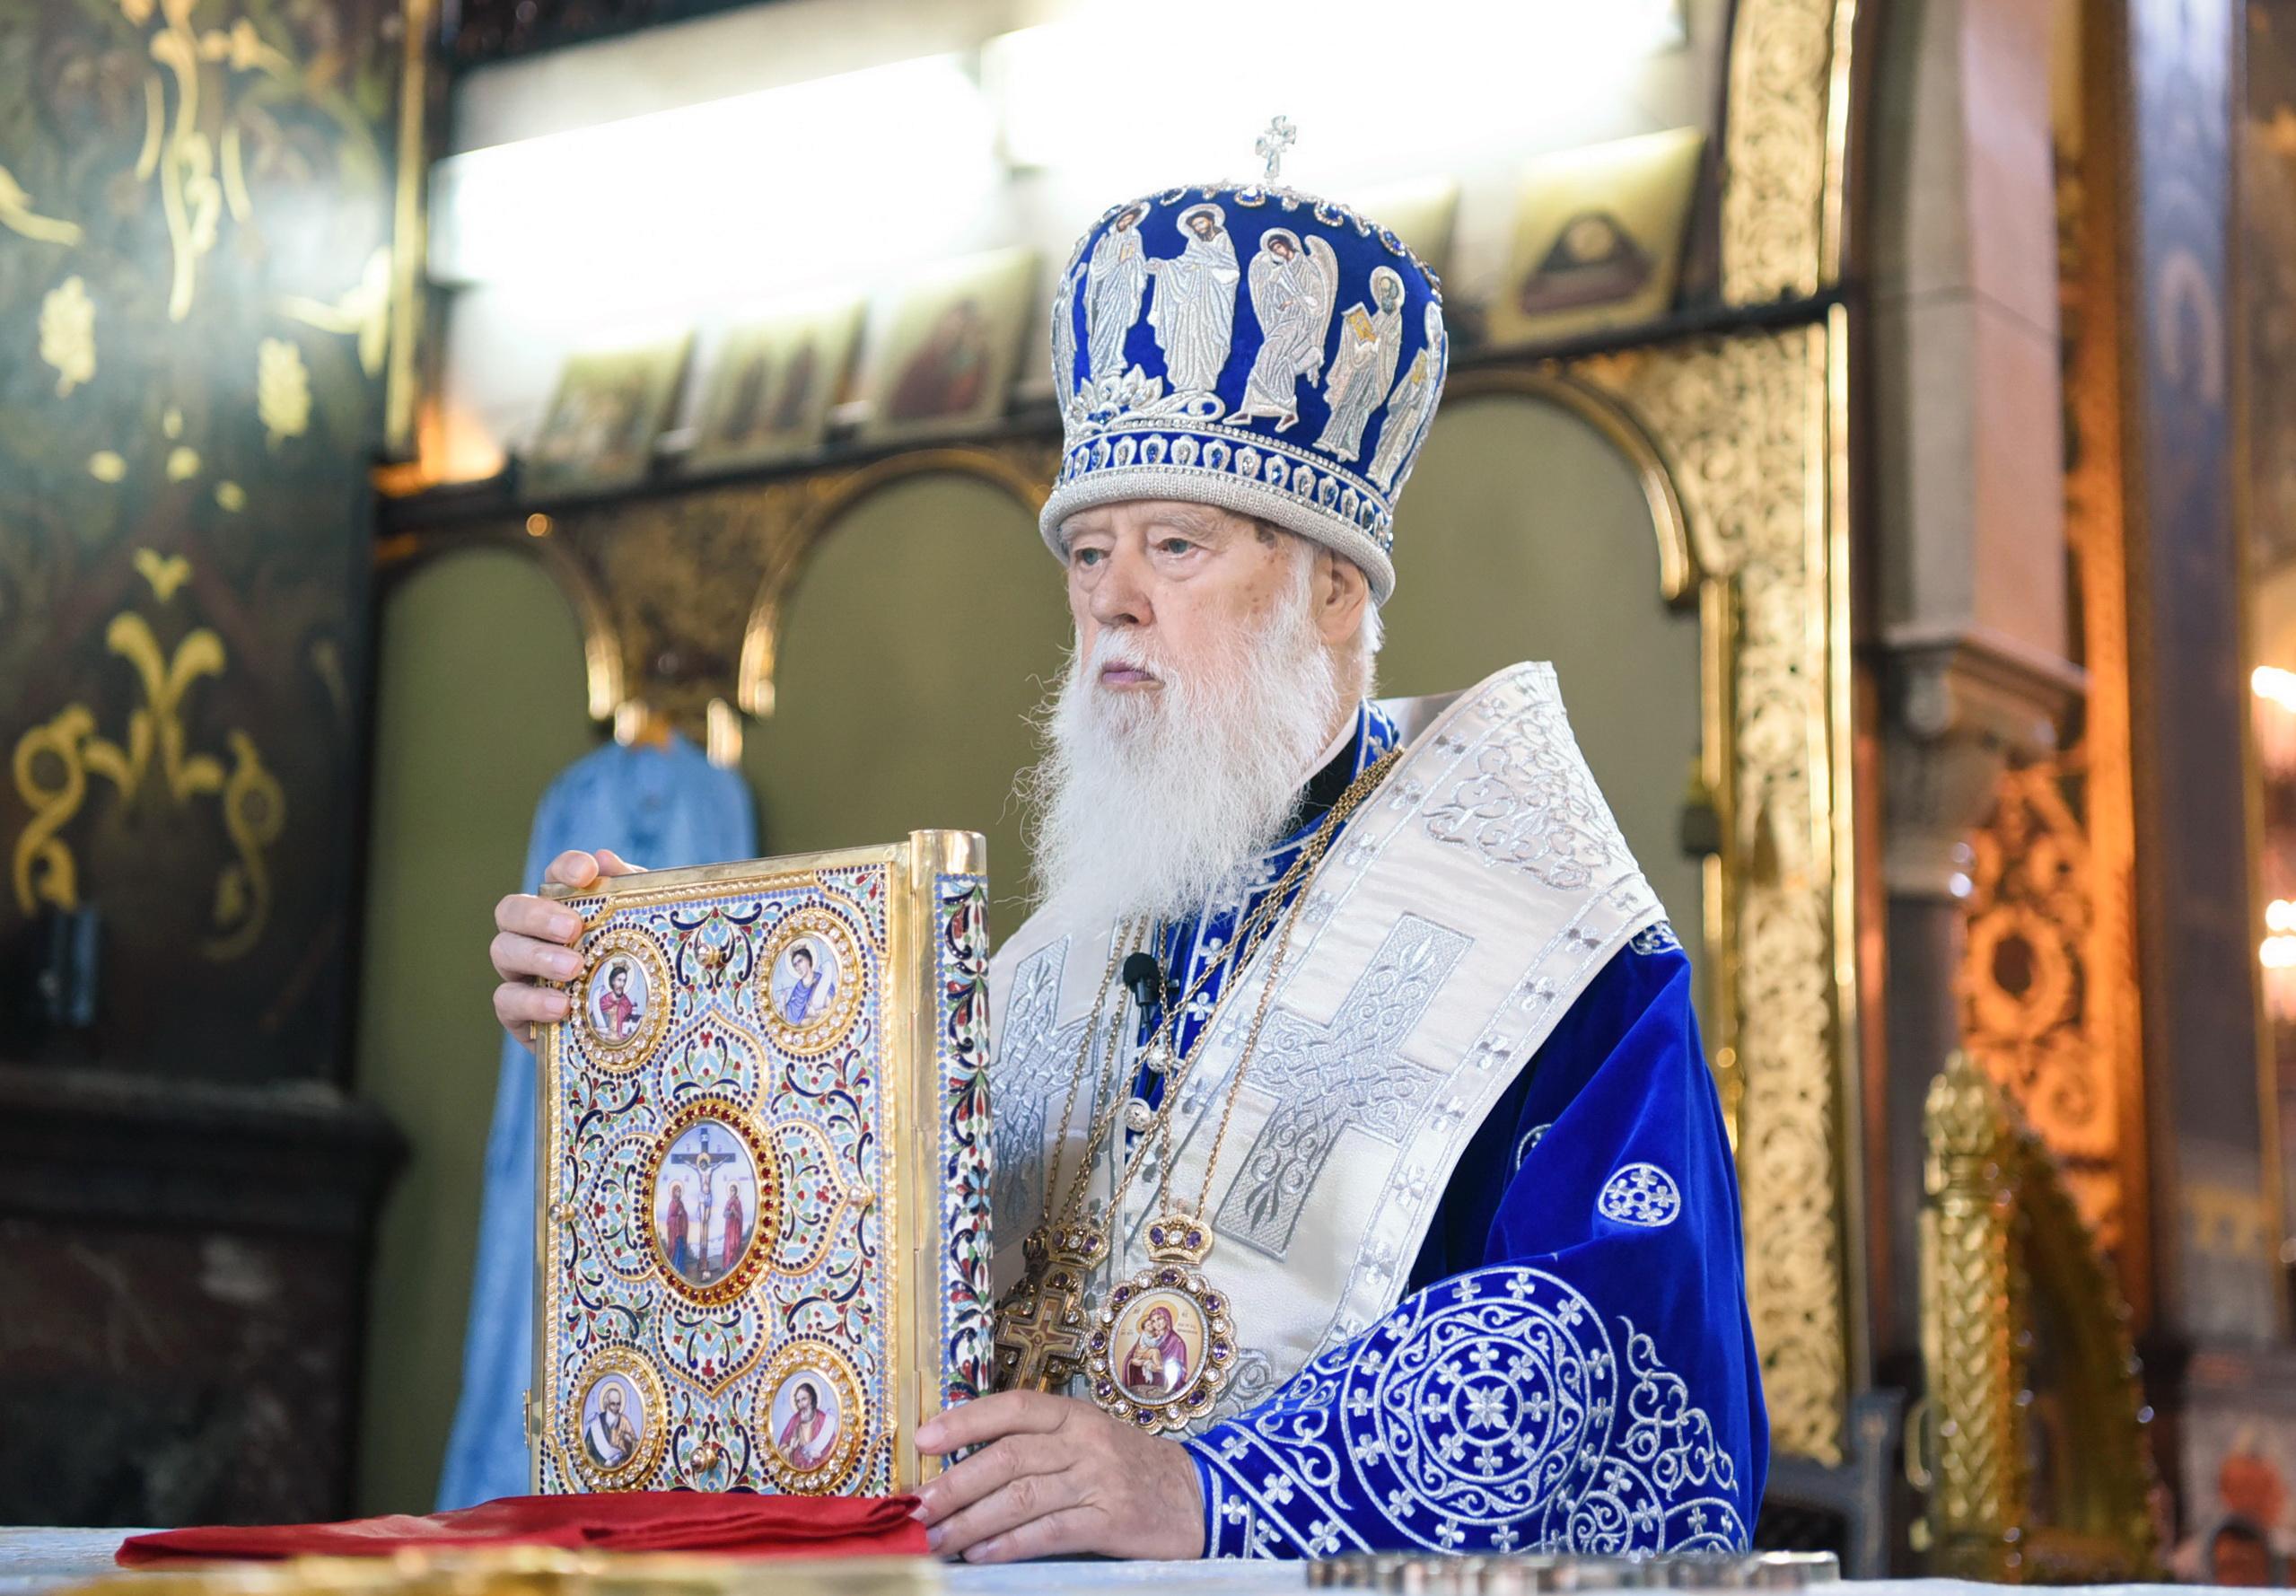 Звернення Патріарха Філарета: ПРАВДА ПРО СОБОР У СВЯТІЙ СОФІЇ 15 грудня 2018 року